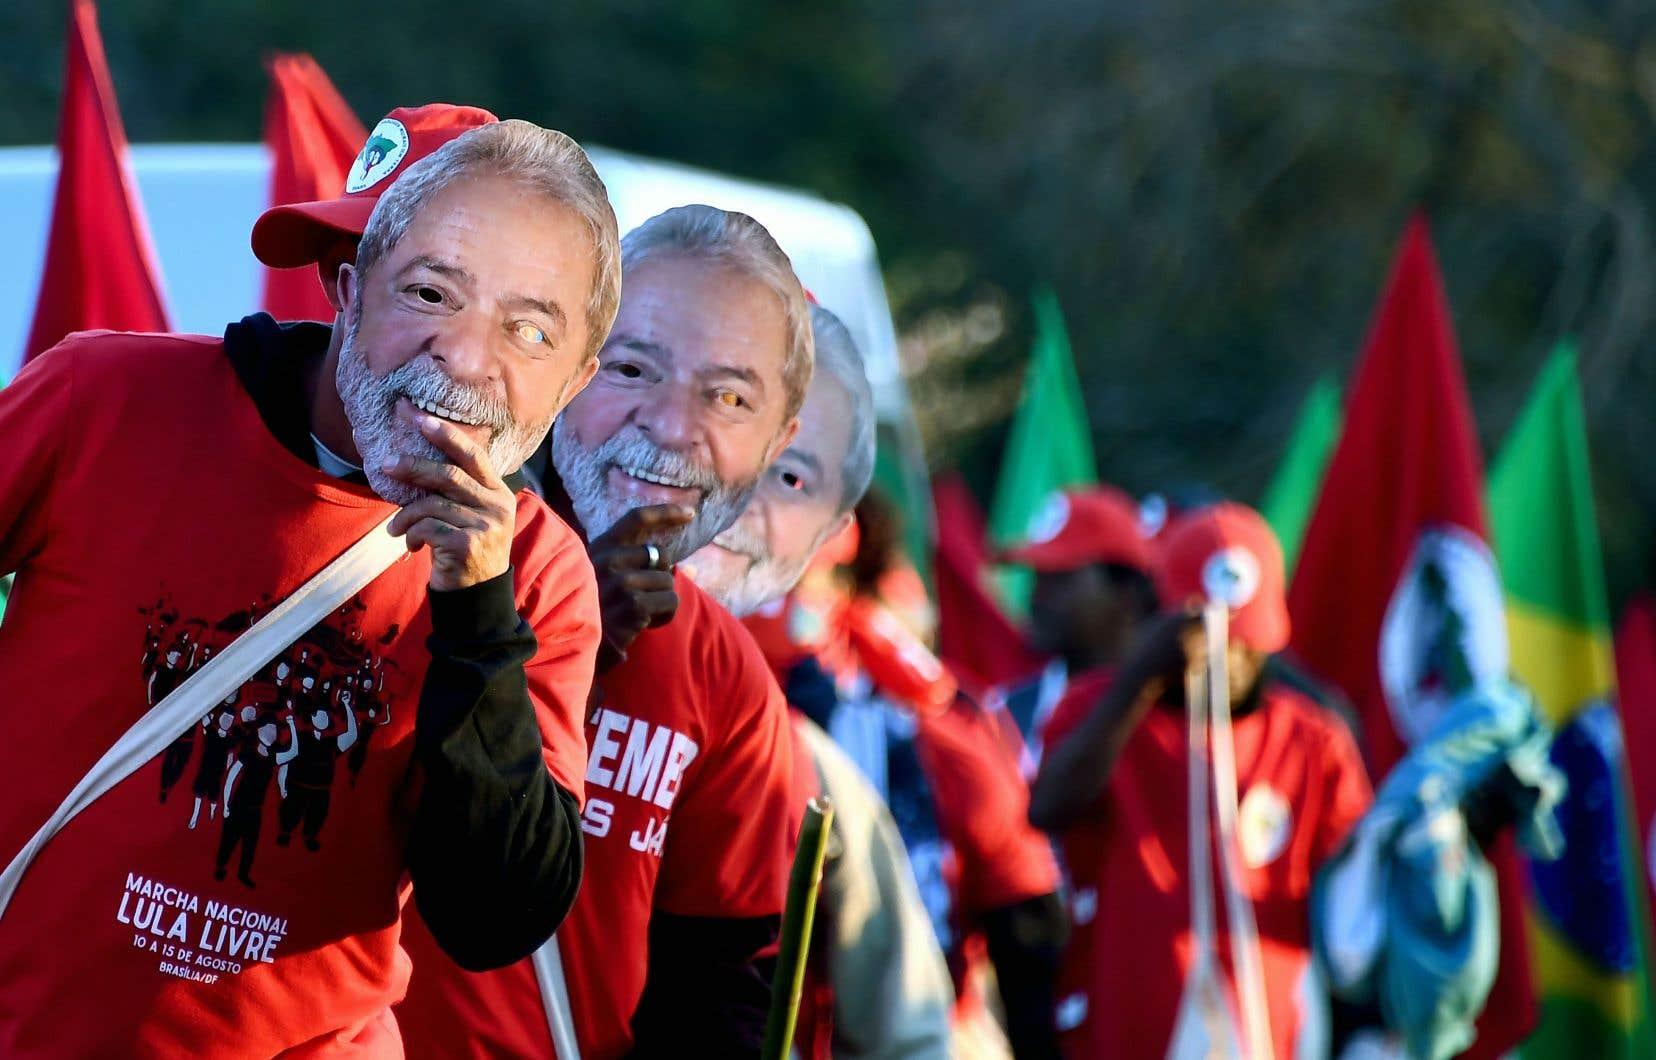 Des membres du Mouvement des sans-terre ont défilé le 14 août près de Brasília avec des masques de Lula pour réclamer la libération de l'ancien président brésilien.